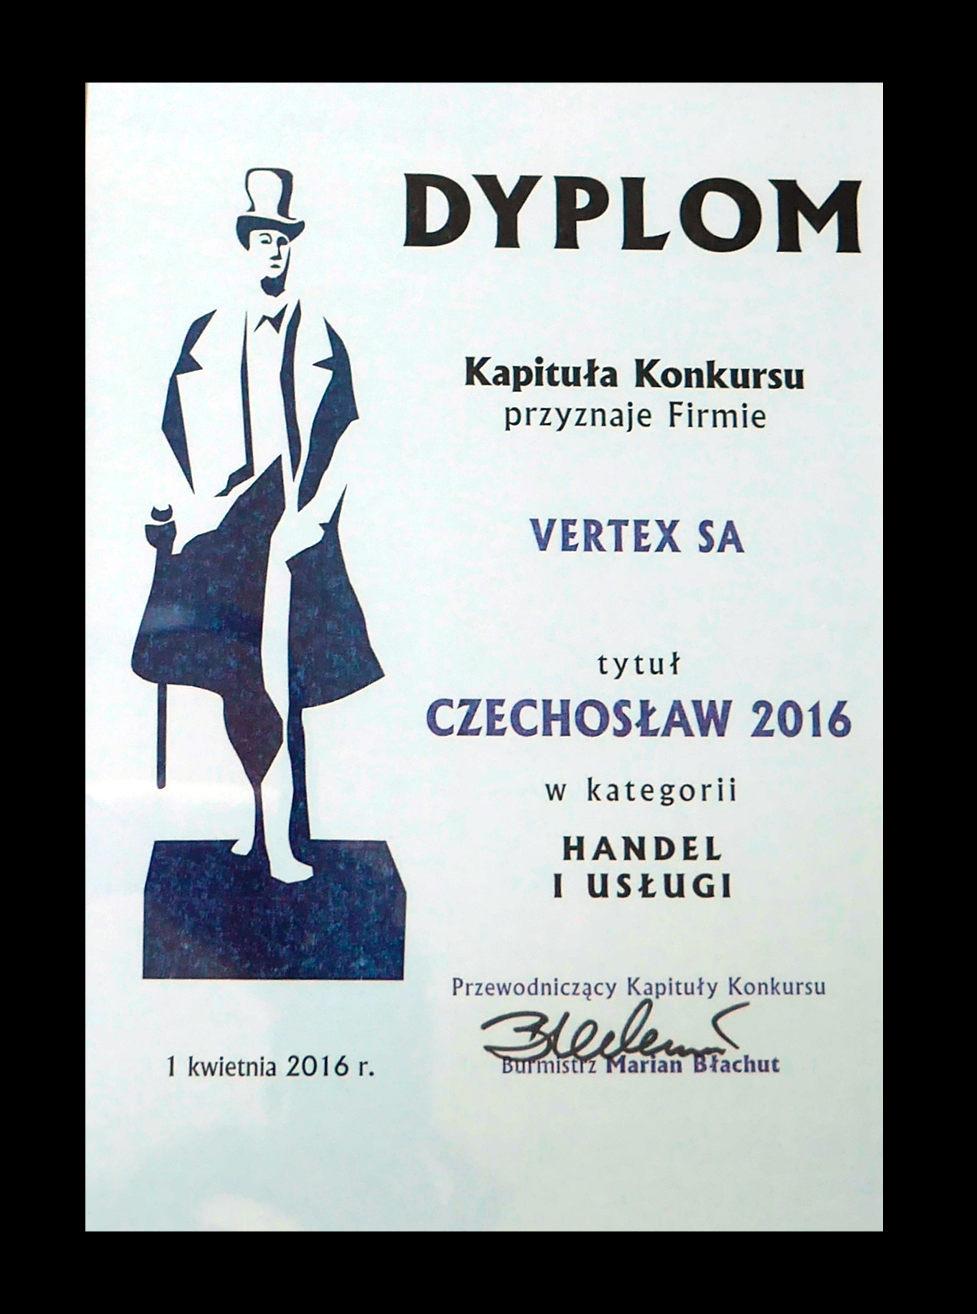 Dyplom Czechosław